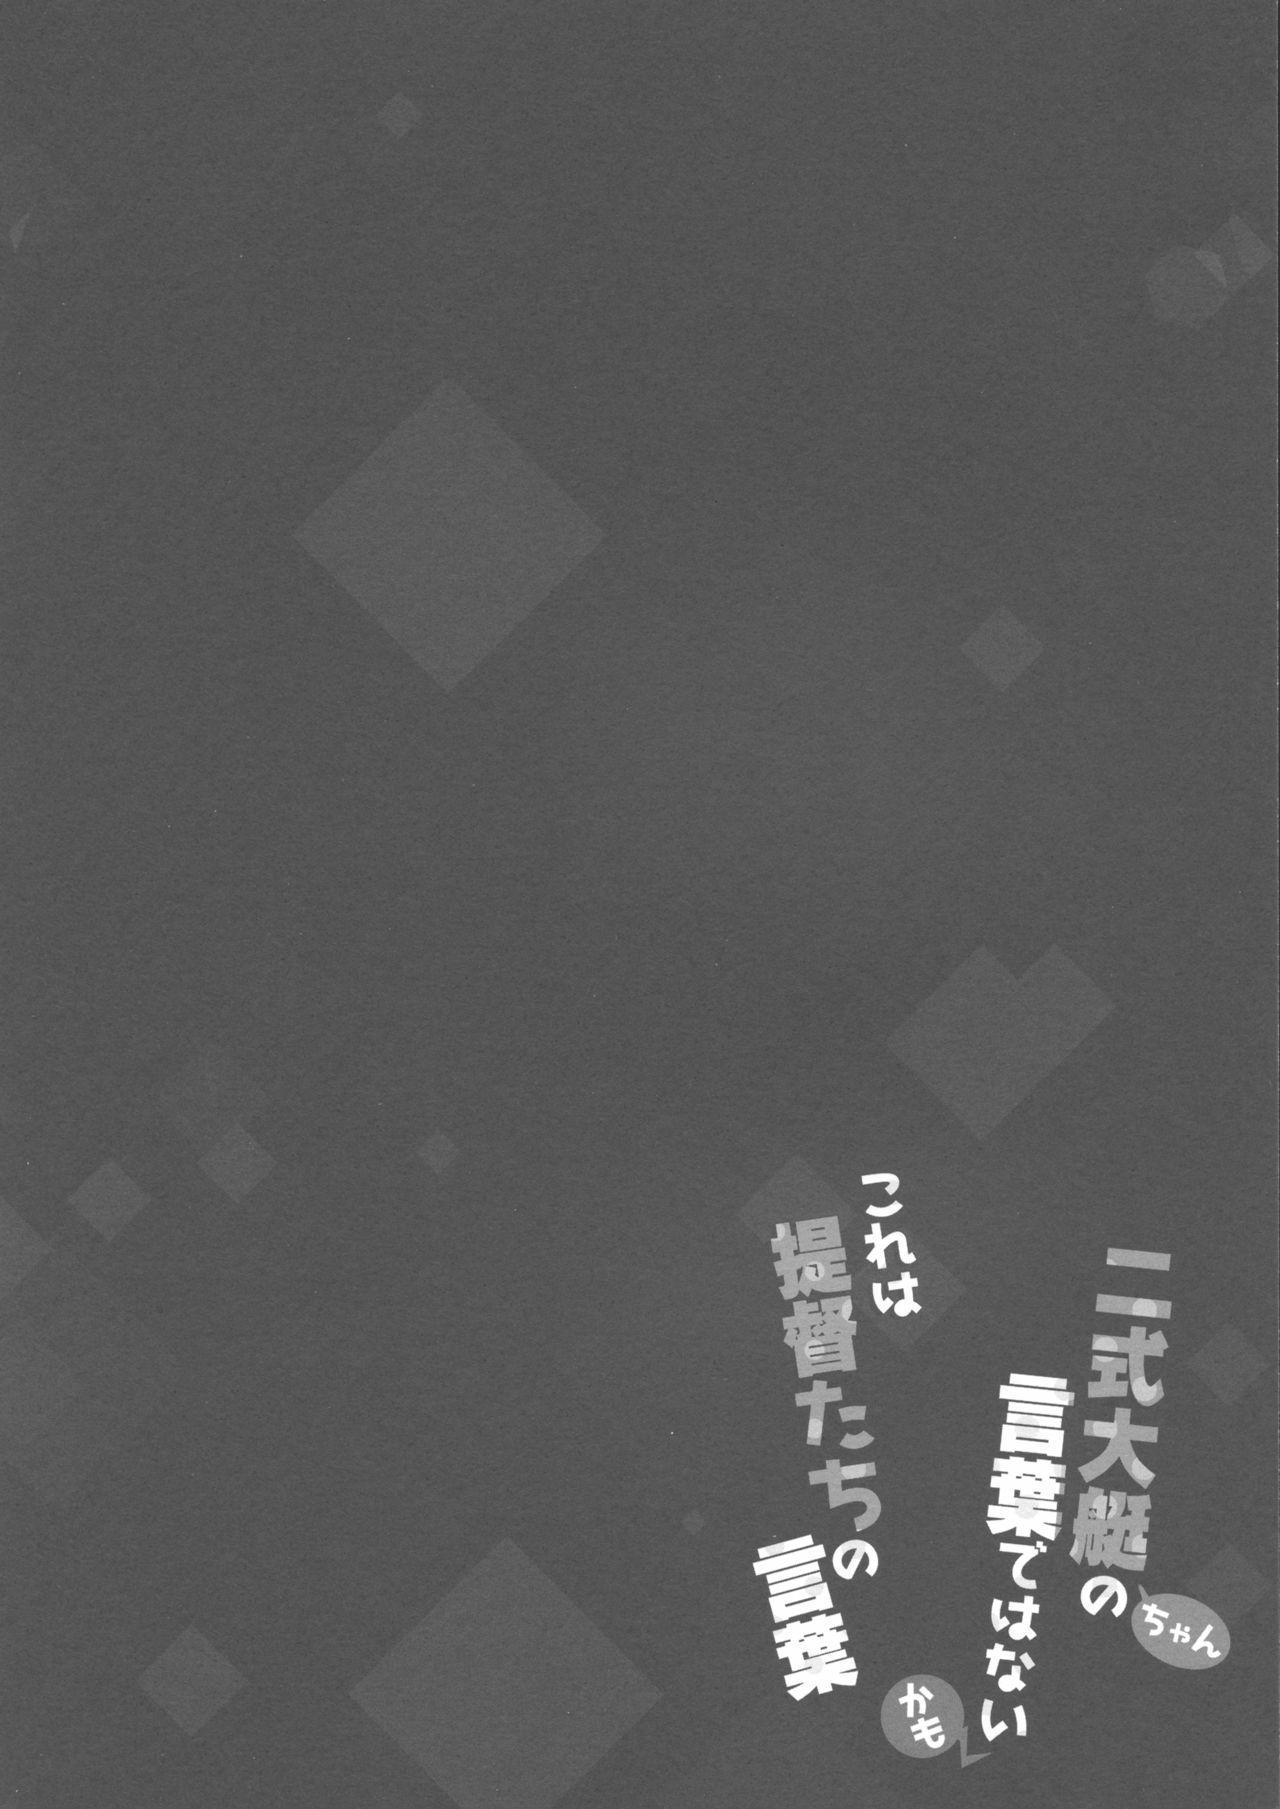 (Tora Matsuri 2015) [Happy Birthday (MARUchang)] Nishikidaitei-chan no Kotoba dewa nai kamo kore wa Teitoku-tachi no Kotoba (Kantai Collection -KanColle-) 2